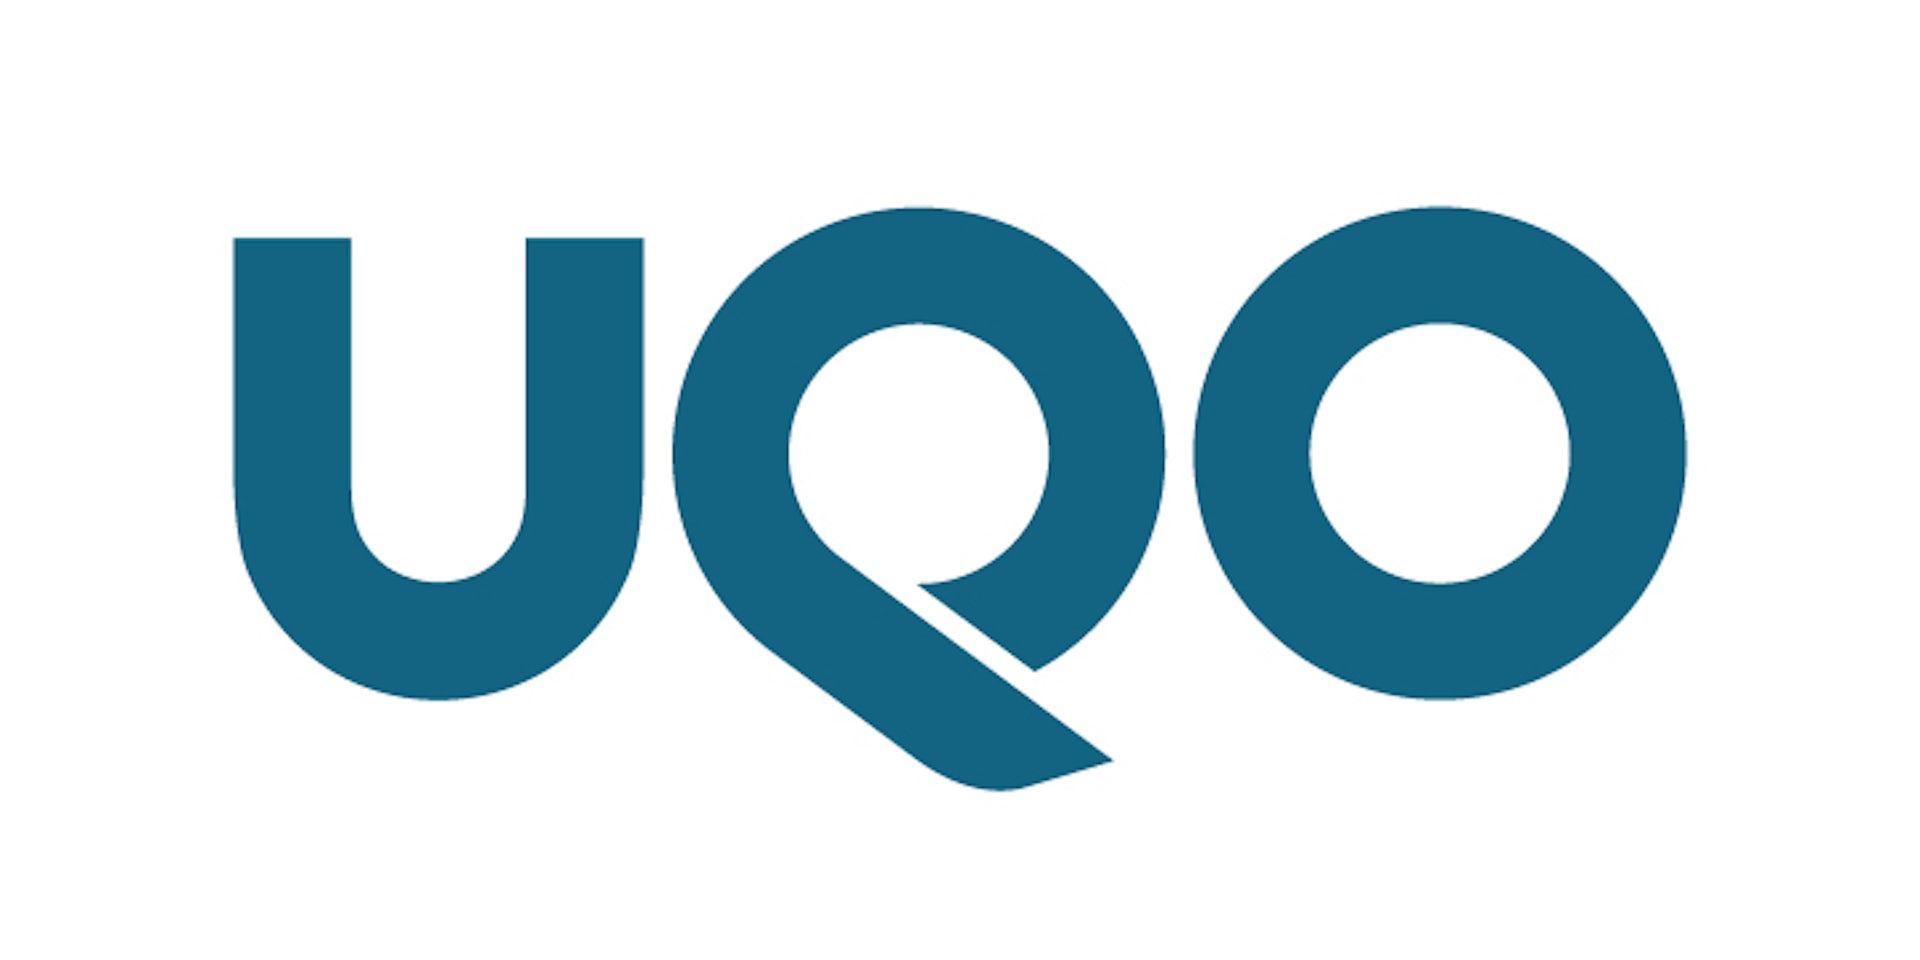 Logo 1543883940.jpg?ixlib=rb 1.1